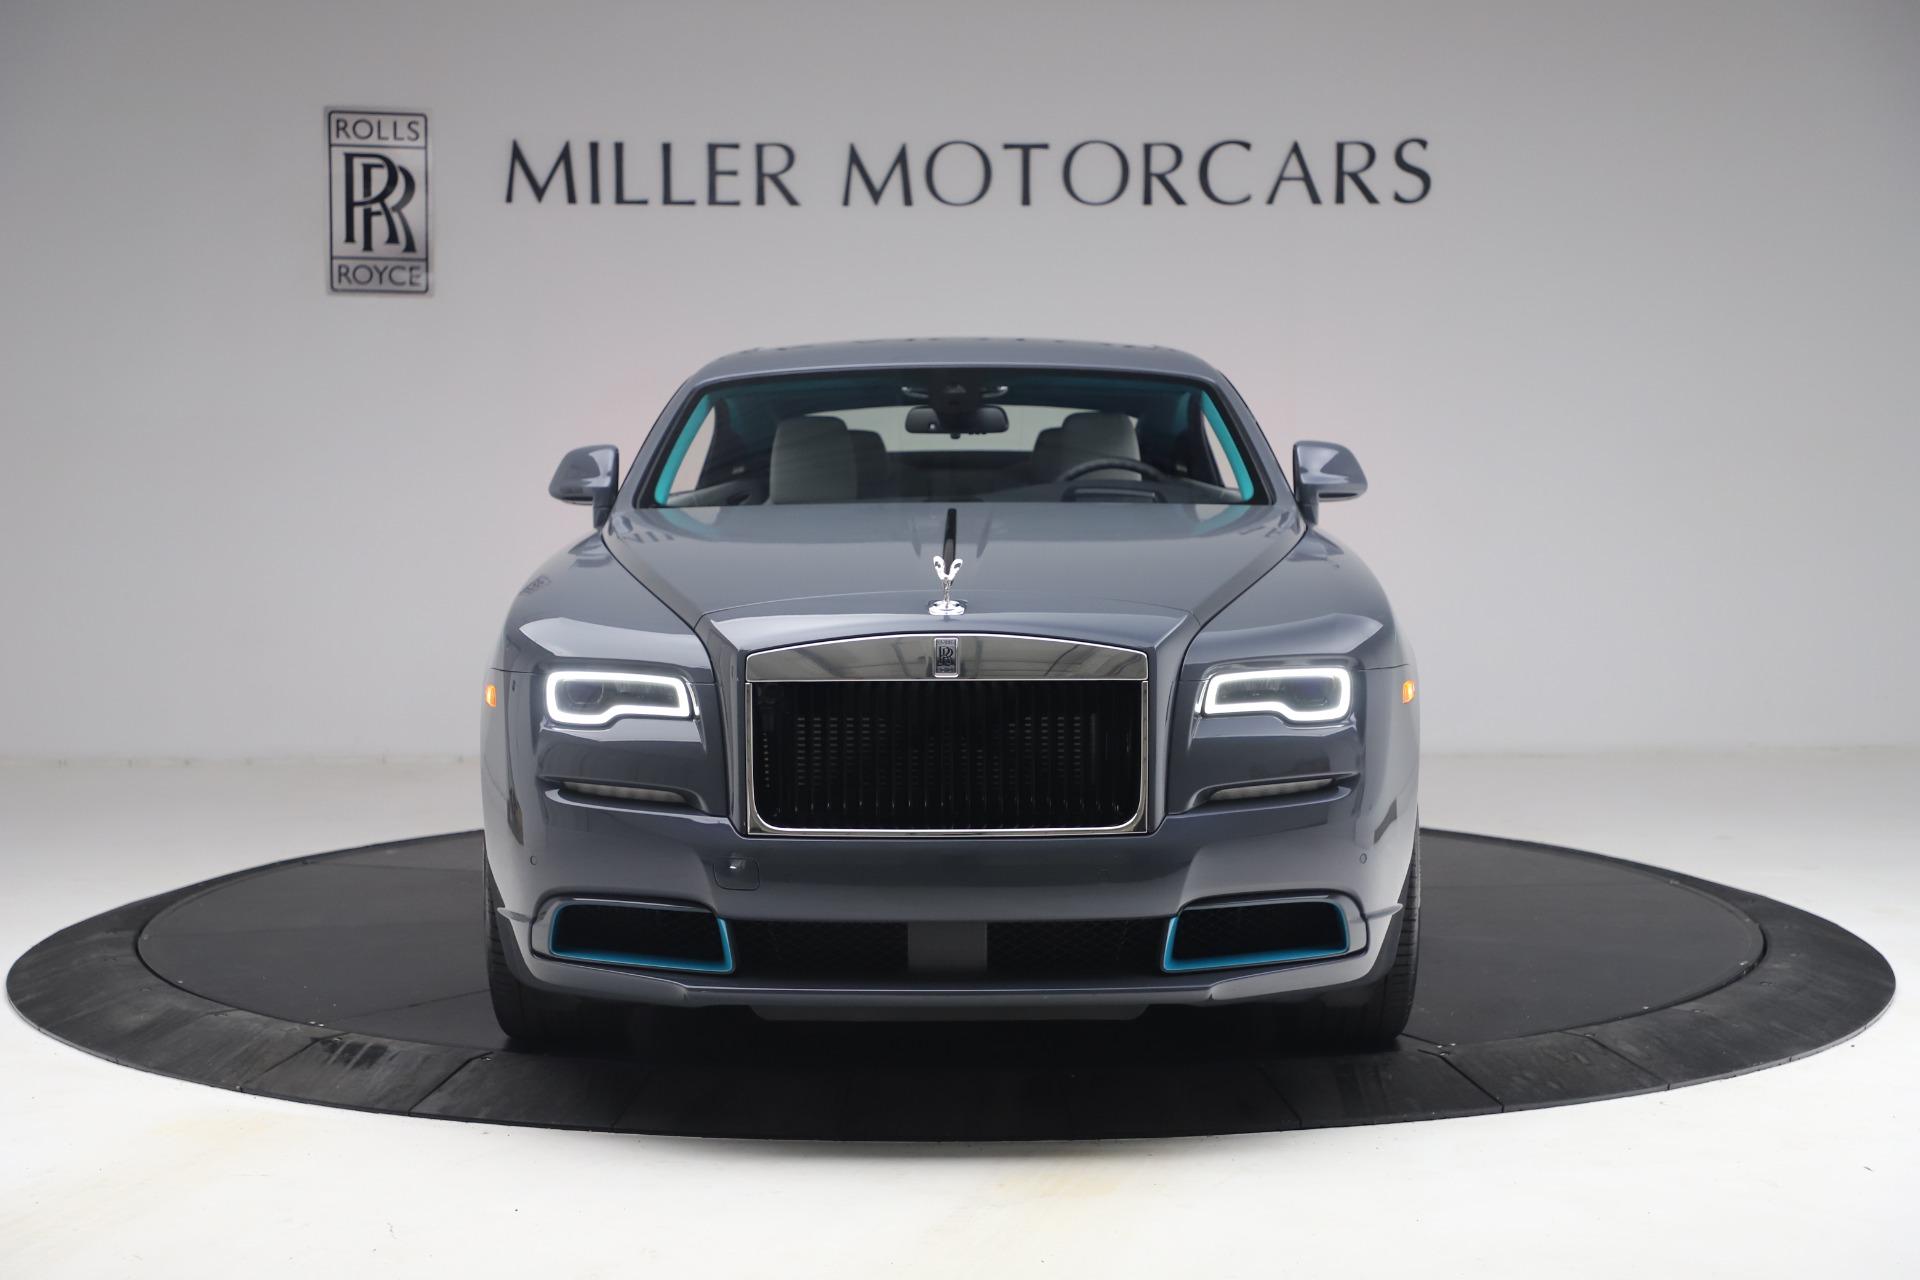 Used 2021 Rolls Royce Wraith KRYPTOS